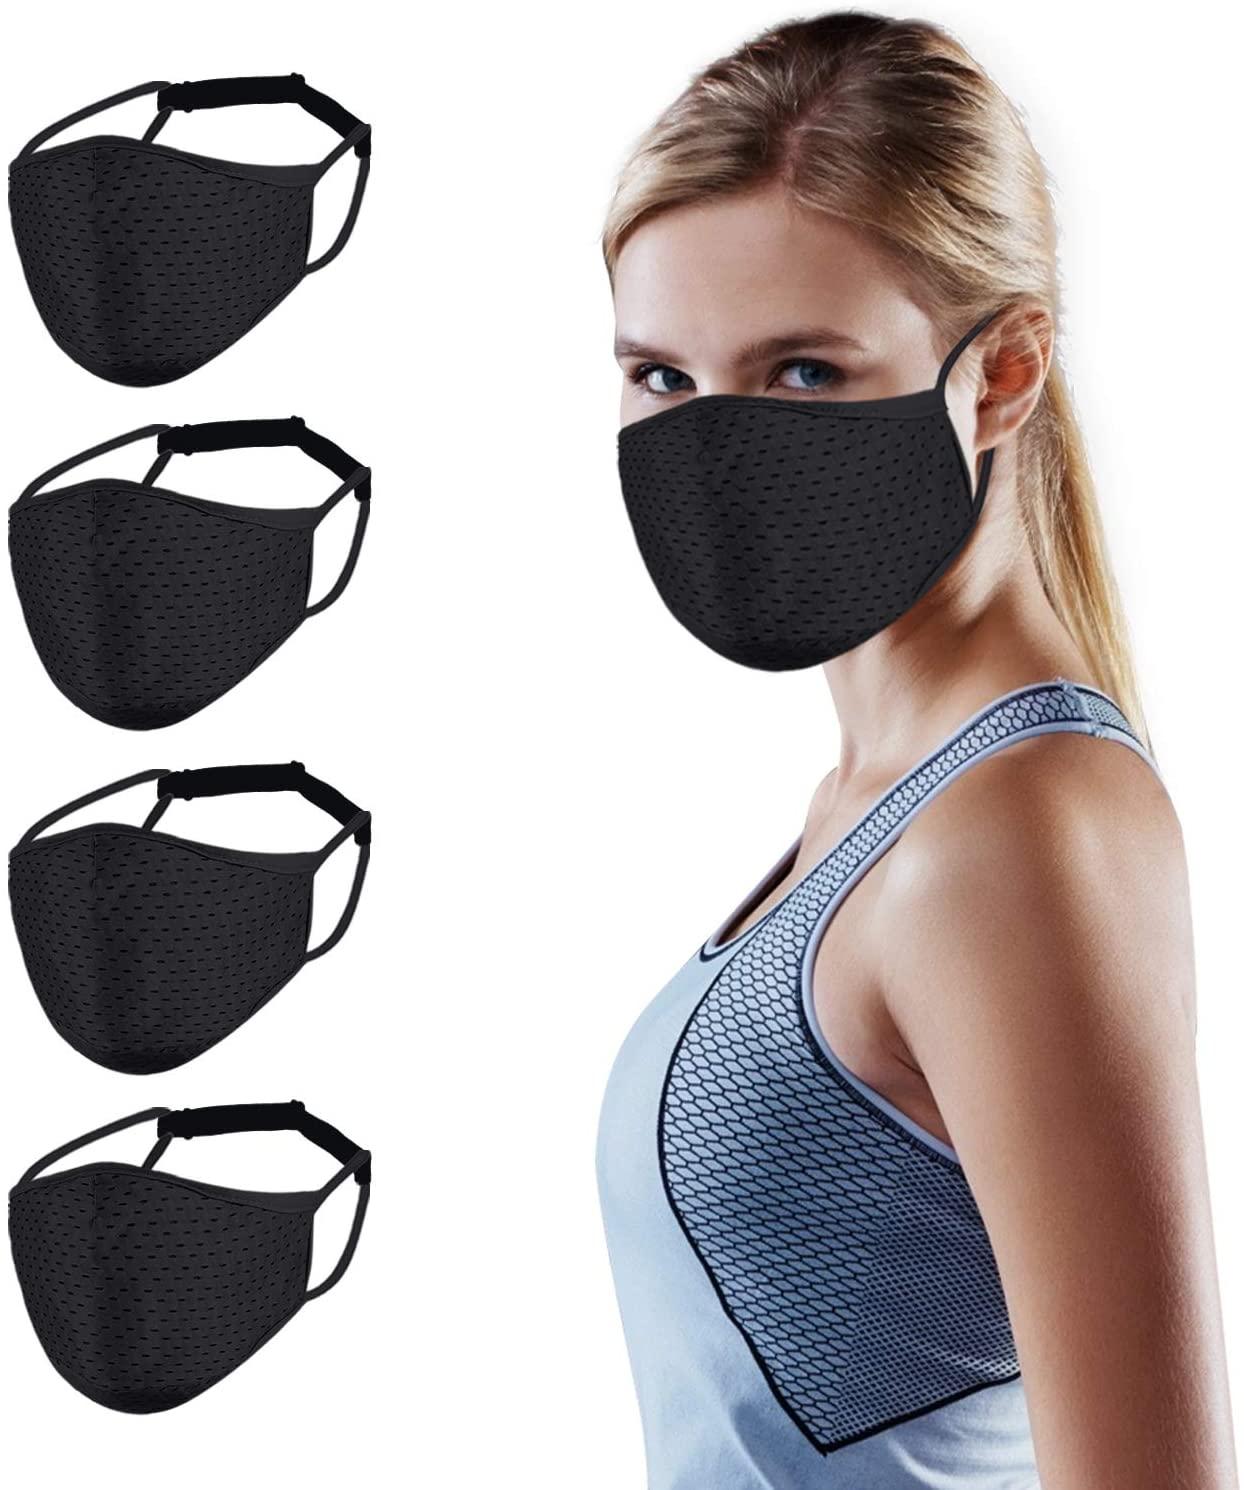 STYLECASTER | Masken zum Trainieren